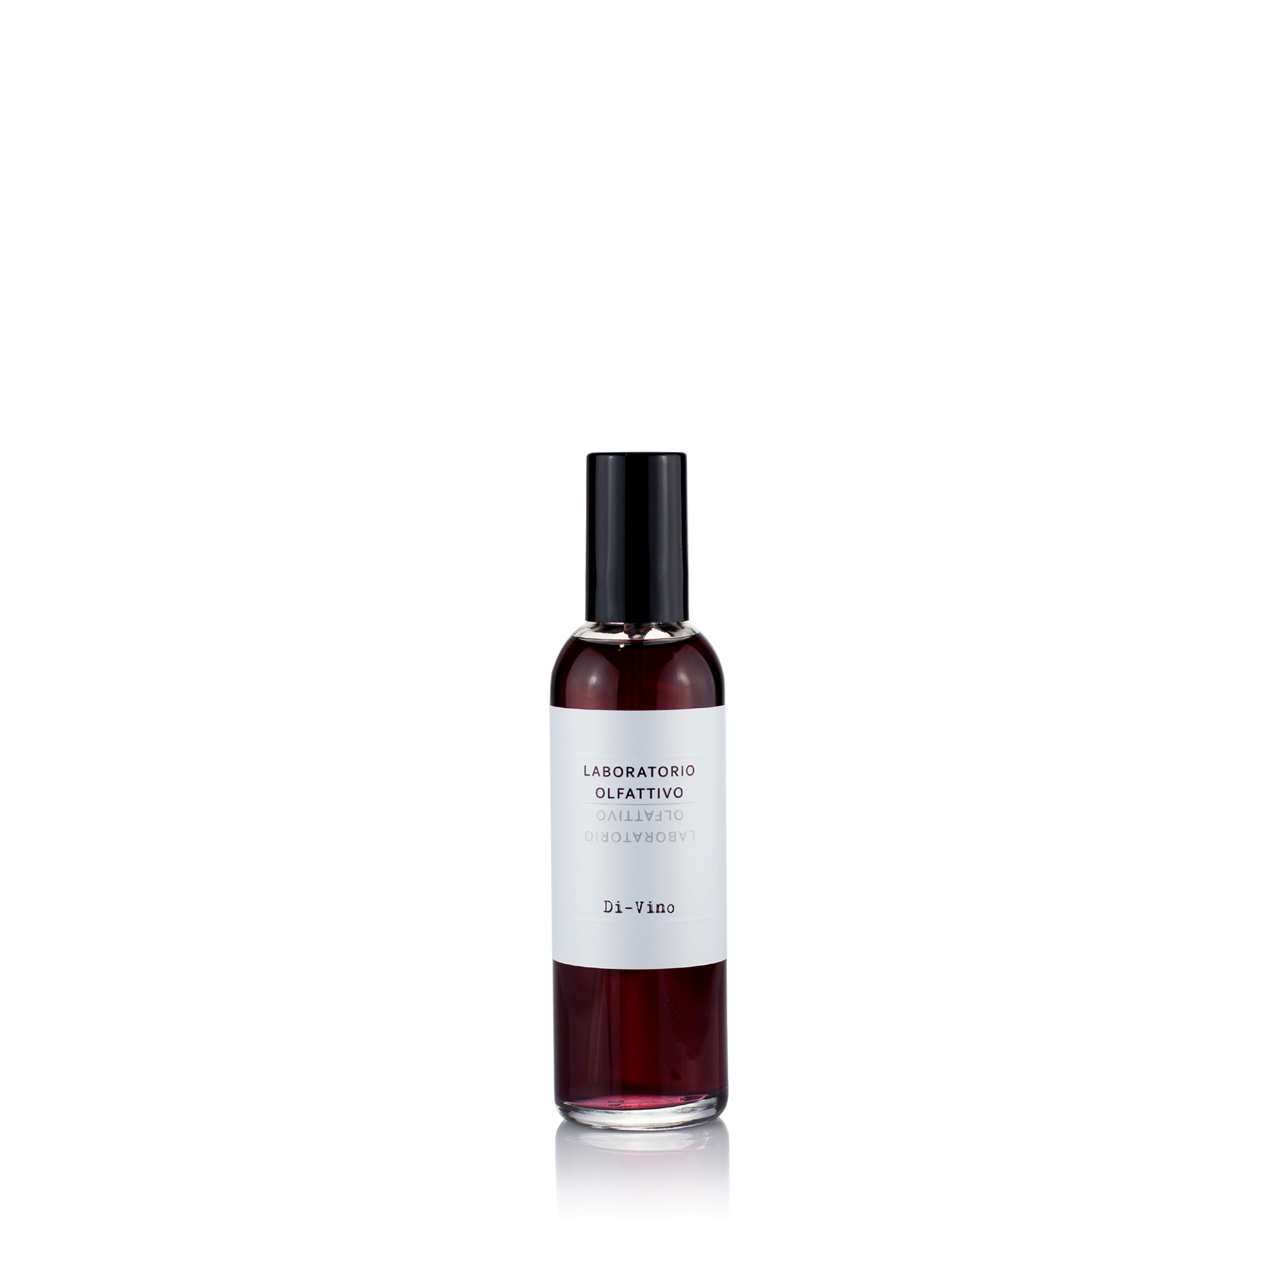 Di-vino - Room Fragrance